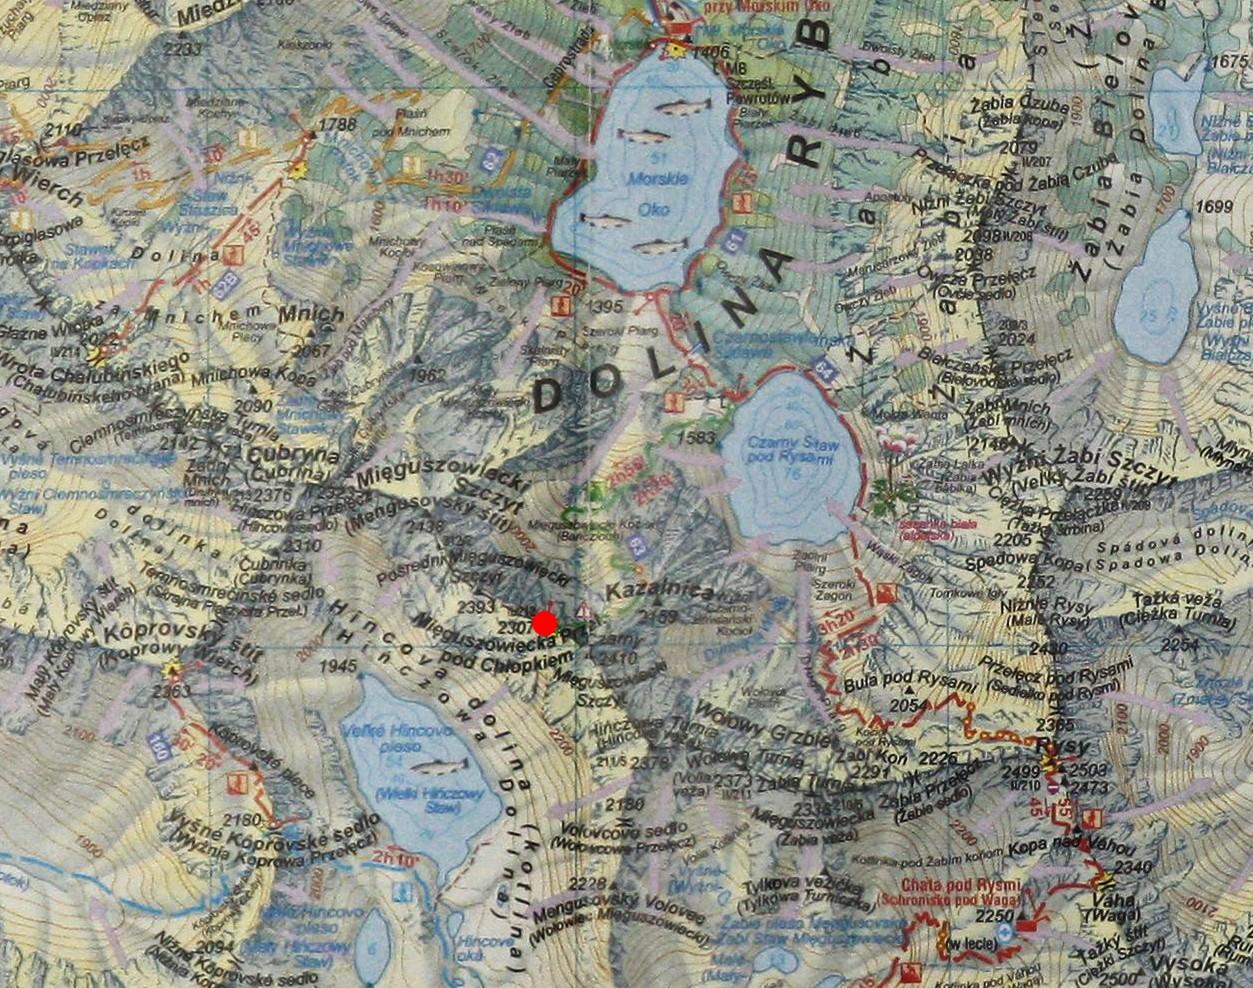 Mięguszowiecka Przełęcz pod Chłopkiem na mapie